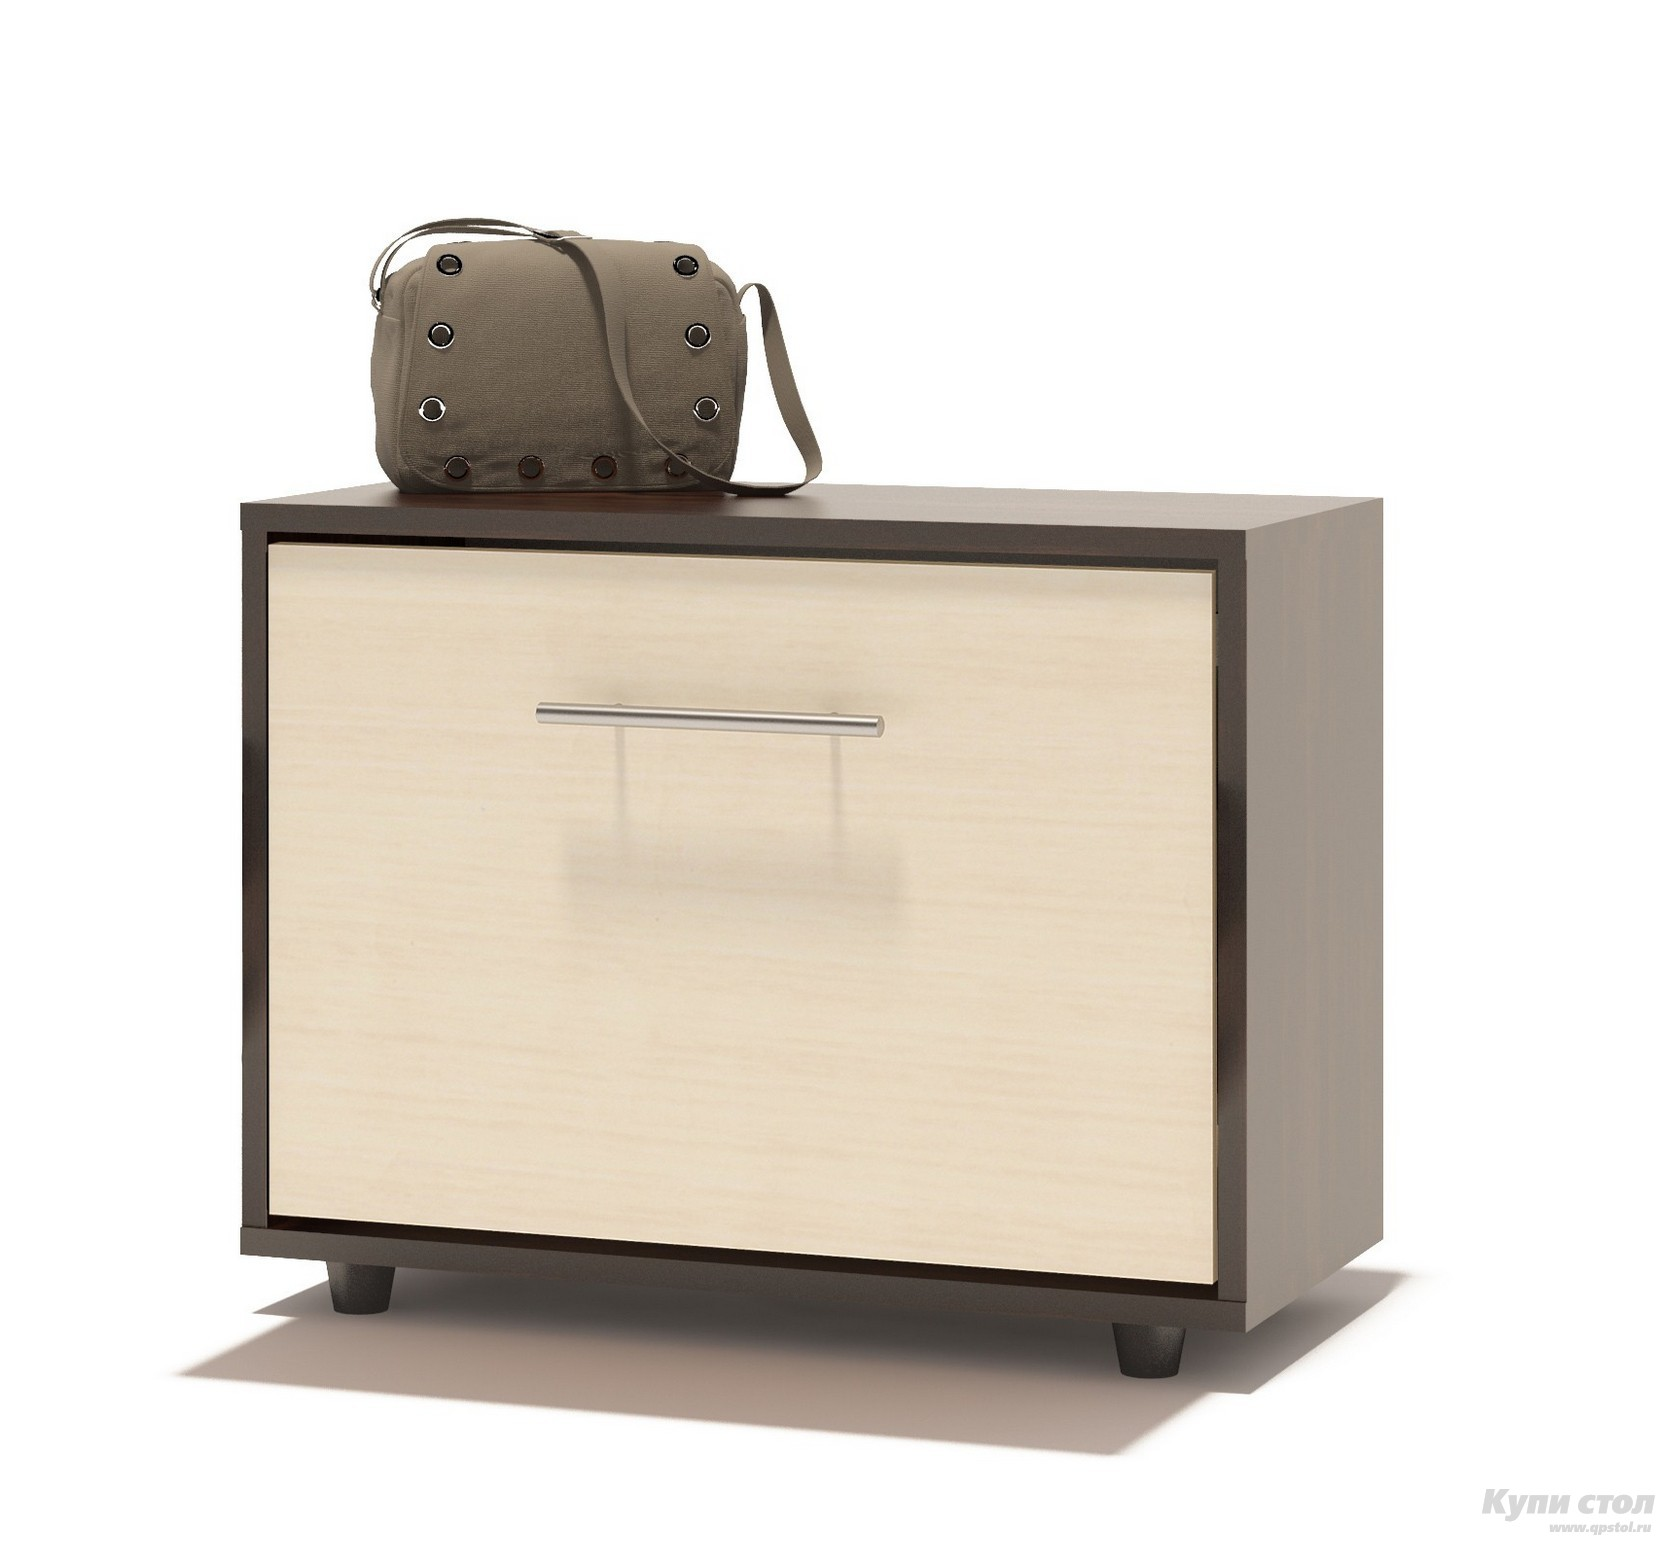 Обувница Сокол ТП-1 Корпус Венге / Фасад Беленый дубОбувницы<br>Габаритные размеры ВхШхГ 482x600x287 мм. Компактная тумба для обуви, шириной 600 мм.  Дверь оснащена откидывающимся механизмом со специальными полками для размещения обуви, который обеспечивает удобство хранения и легкий доступ к необходимой паре кроссовок или туфель. Изделие поставляется в разобранном виде.  Хорошо упаковано в гофротару вместе с необходимой фурнитурой для сборки и подробной инструкцией.   Изготовлена из высококачественной ДСП 16мм  Отделывается кромкой ПВХ 0. 4мм Рекомендуем сохранить инструкцию по сборке (паспорт изделия) до истечения гарантийного срока.<br><br>Цвет: Корпус Венге / Фасад Беленый дуб<br>Цвет: Темное-cветлое дерево<br>Высота мм: 482<br>Ширина мм: 600<br>Глубина мм: 287<br>Кол-во упаковок: 1<br>Форма поставки: В разобранном виде<br>Срок гарантии: 2 года<br>Глубина: Неглубокие